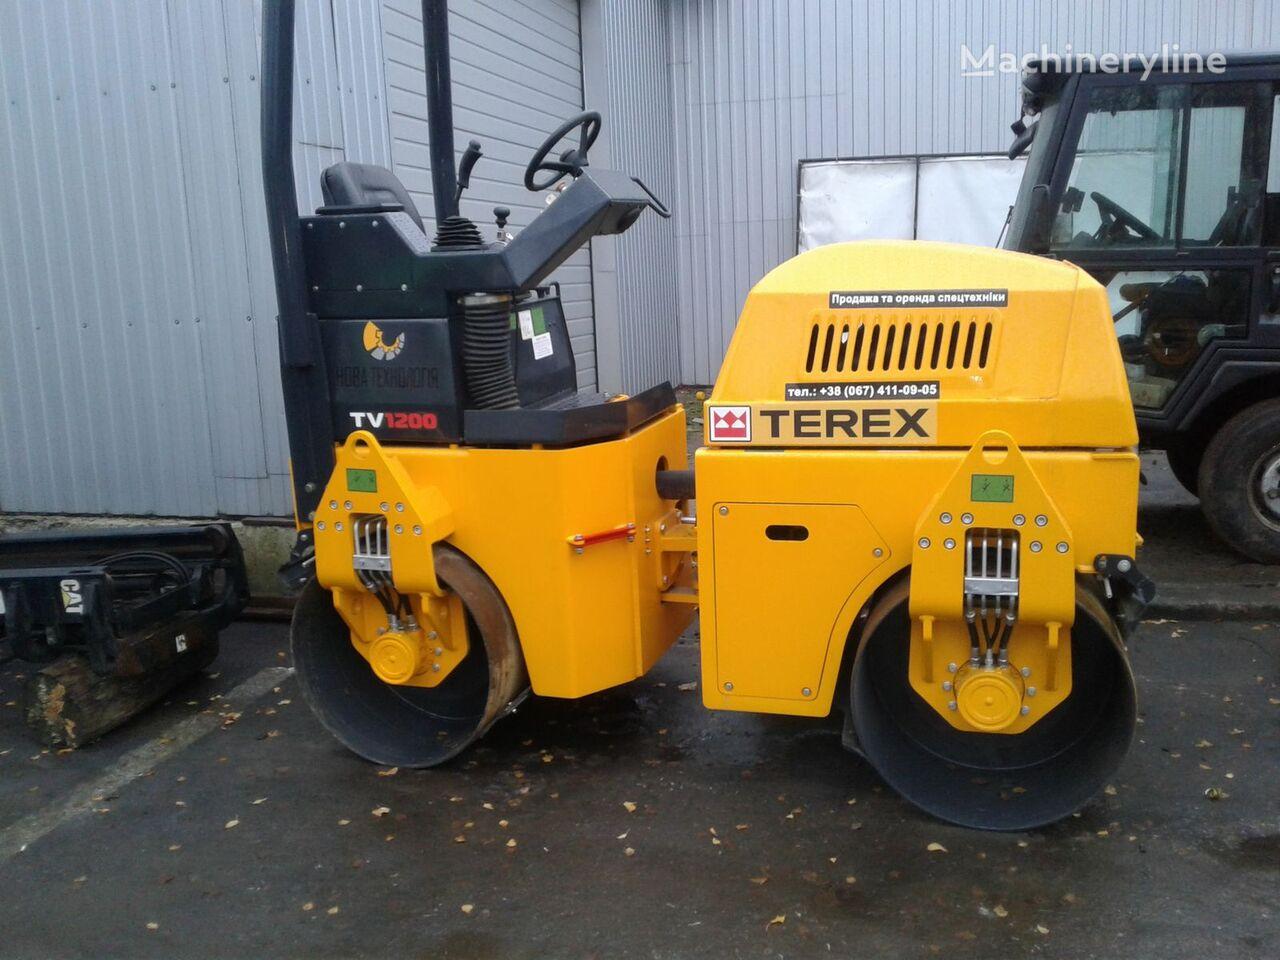 compactador de asfalto TEREX TV1200